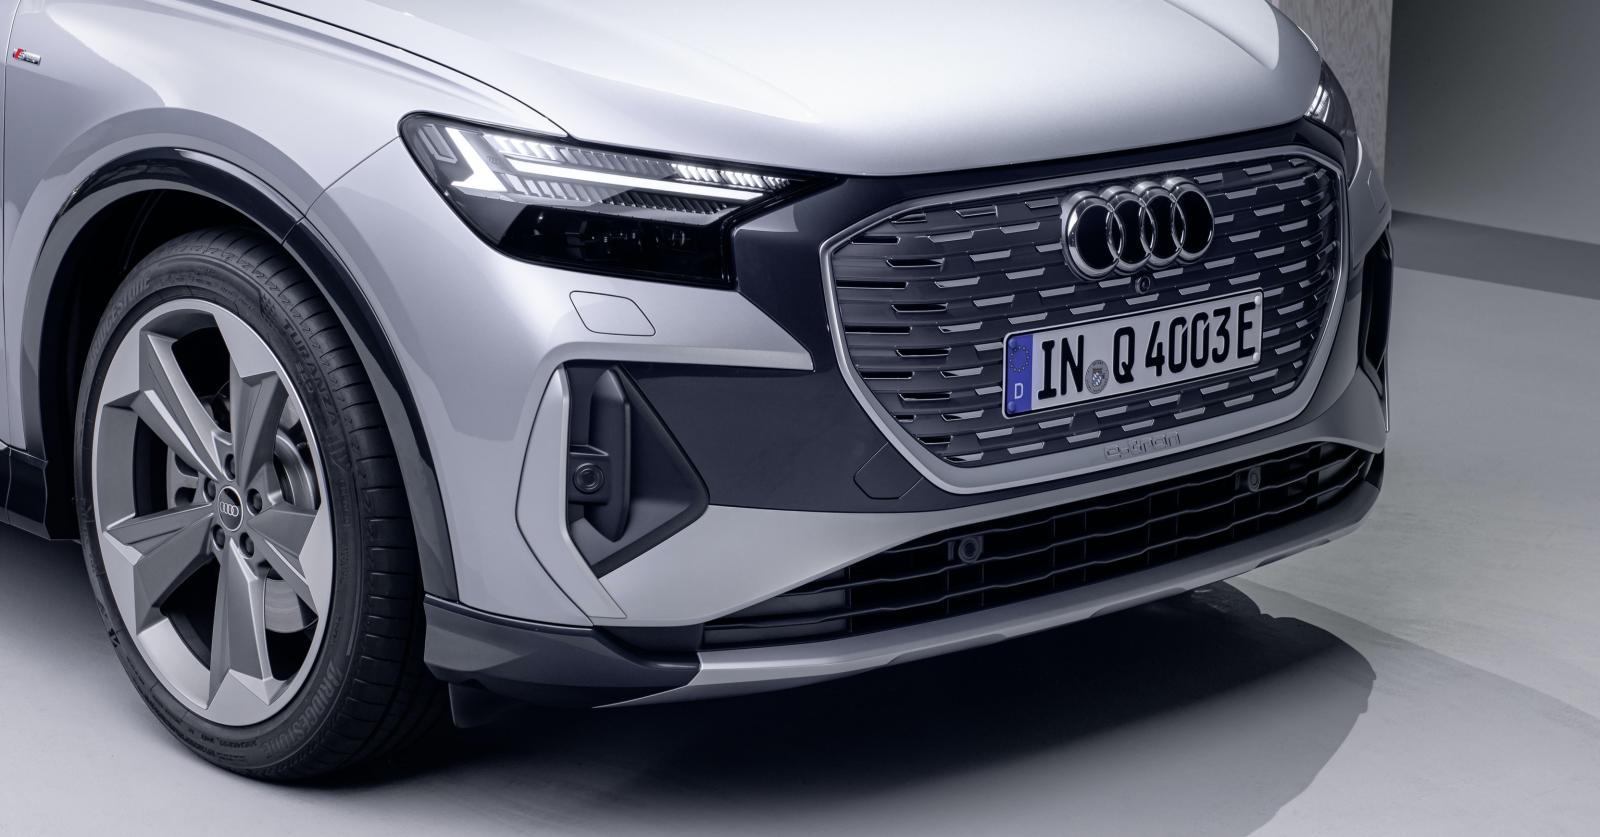 """LED-ljusen har så kallad matrixteknik och kan därmed stänga av individuella pixlar för att inte störa mötande bilister. Föraren kan välja mellan fyra så kallade """"ljussignaturer""""."""